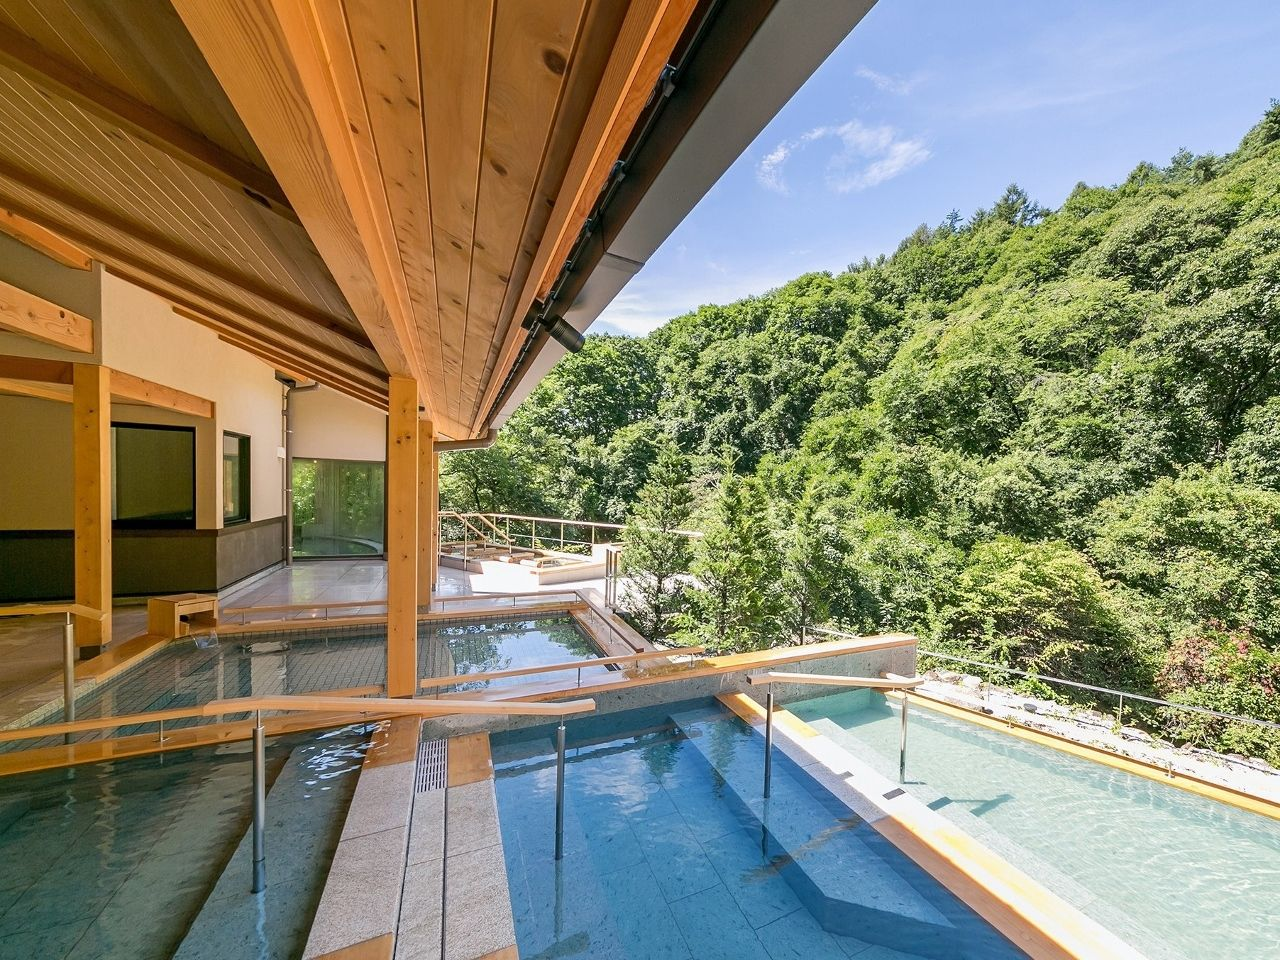 4.源泉掛け流しの美肌の湯を楽しむ長野「蓼科グランドホテル滝の湯」